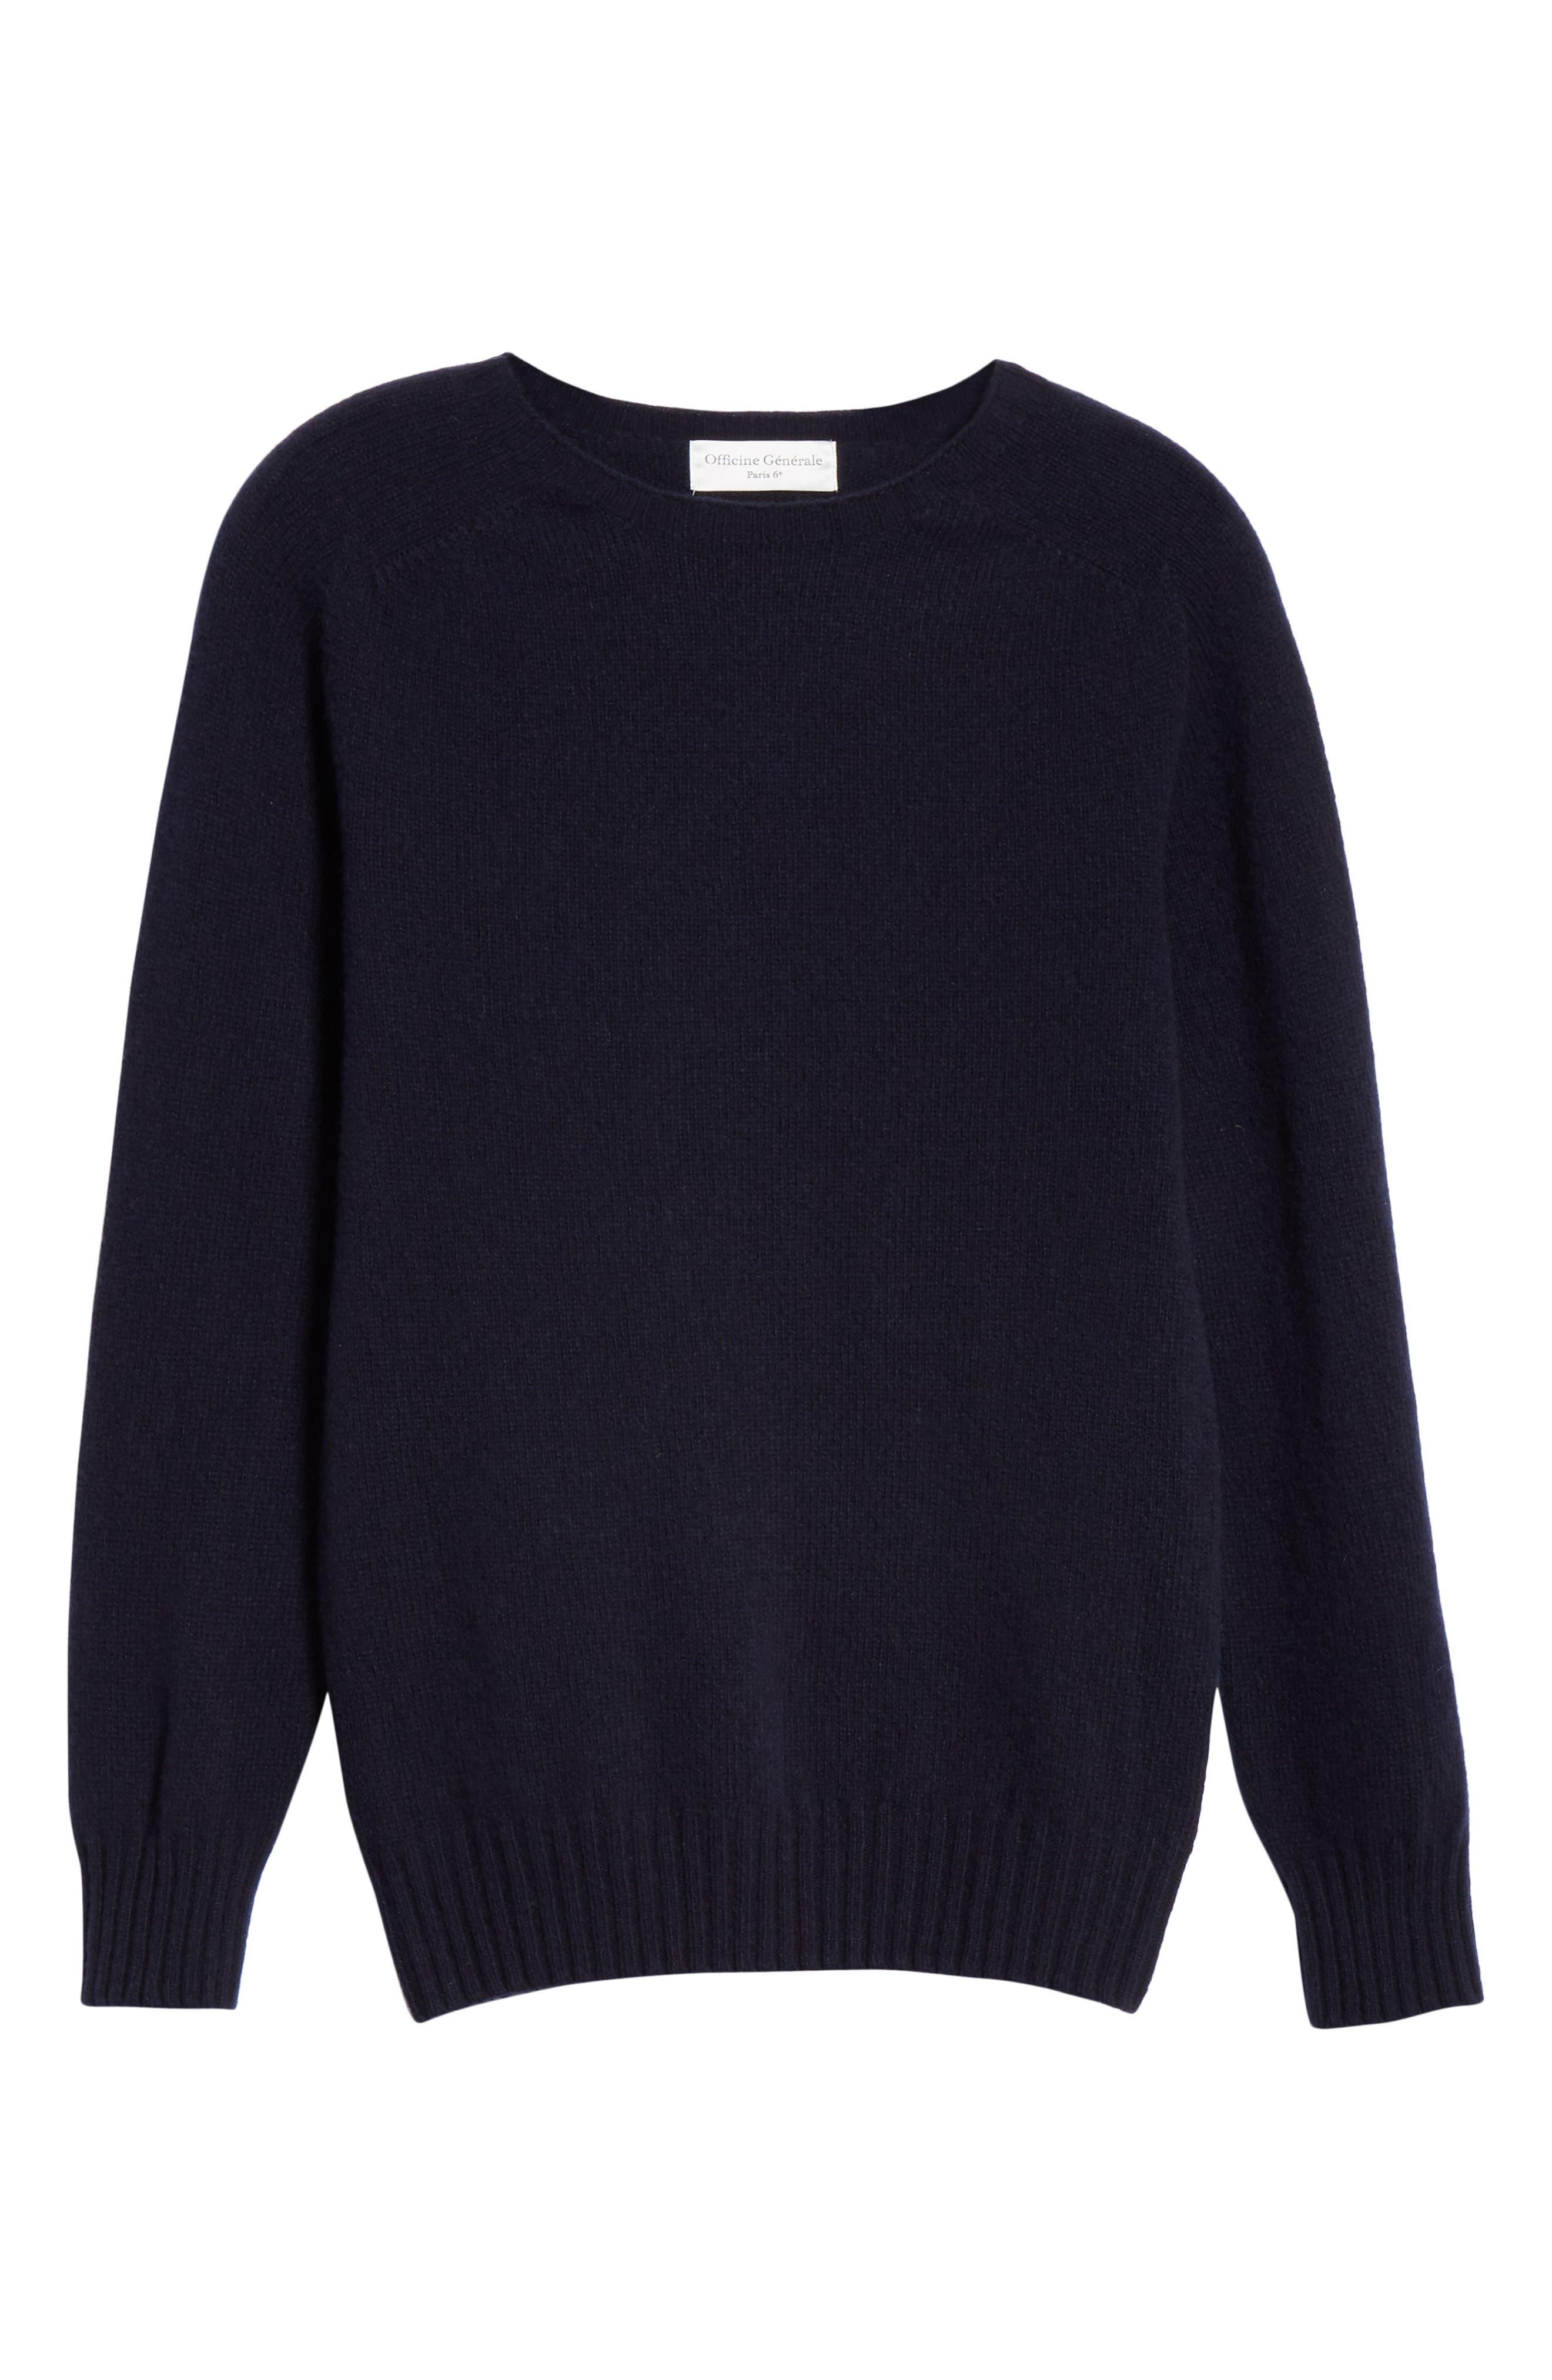 Officine Générale Wool Crewneck Sweater,                             Alternate thumbnail 6, color,                             410